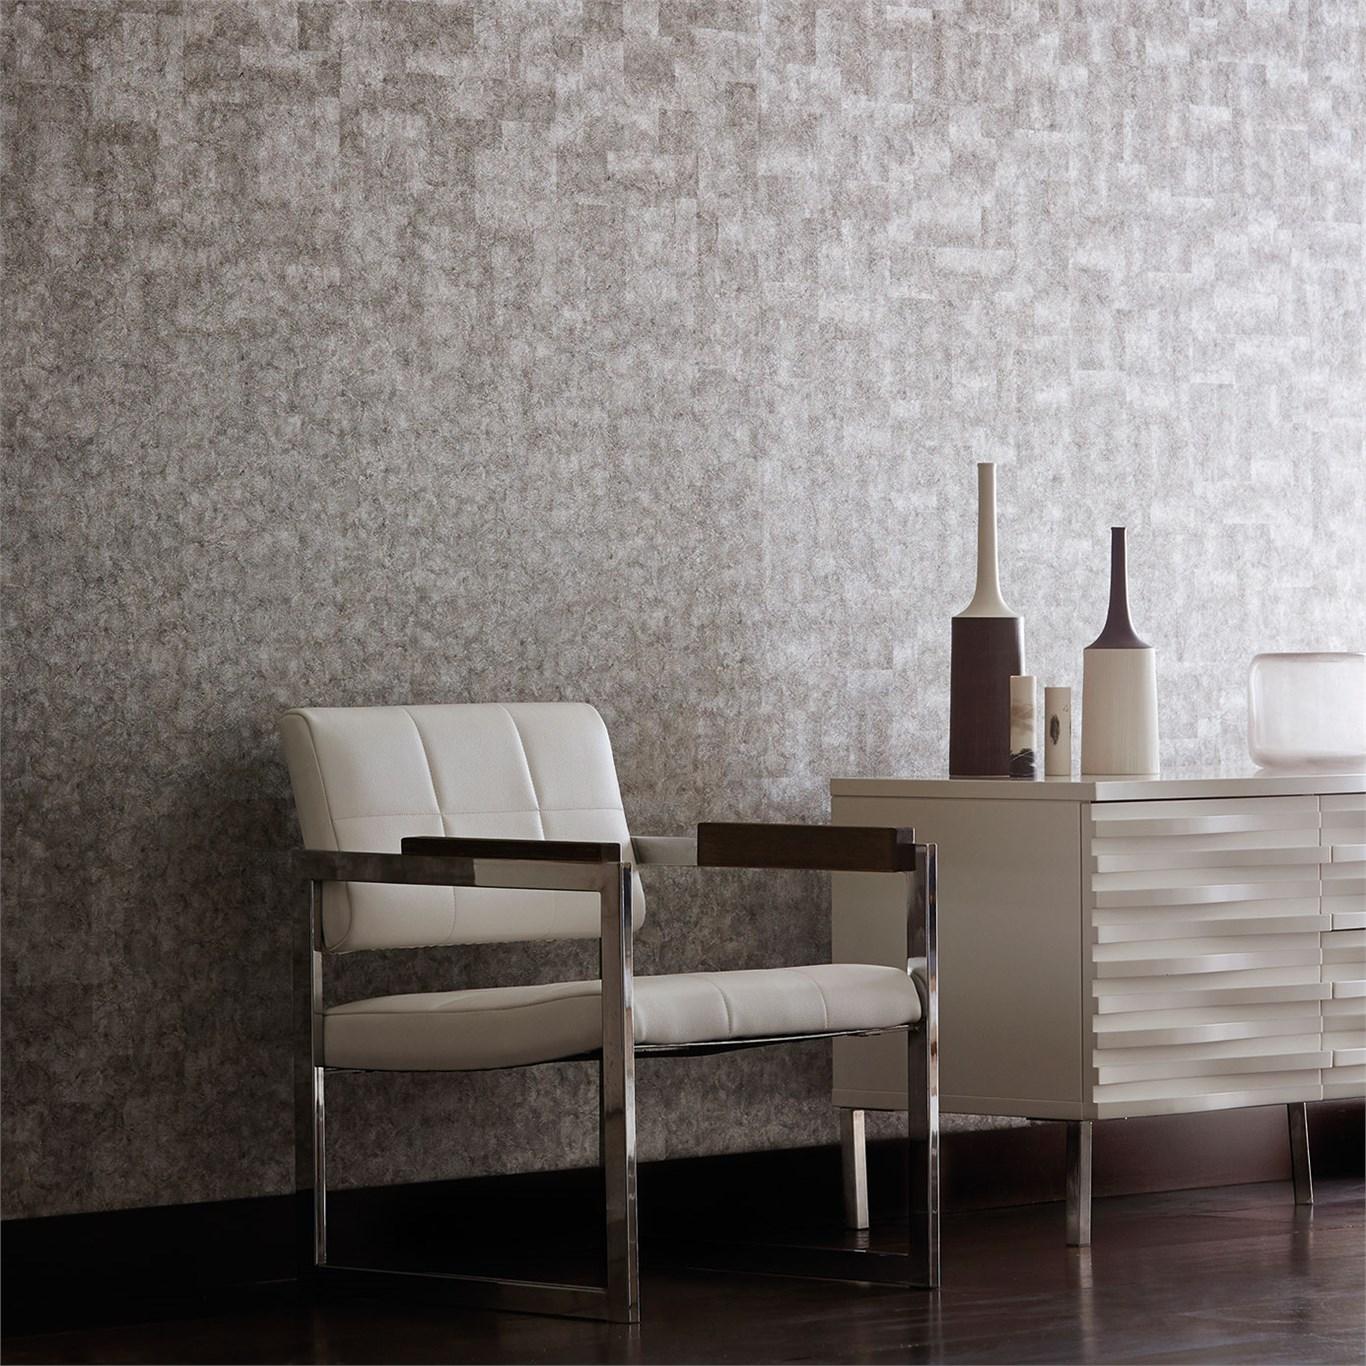 Papeles pintados con textura villalba interiorismo - Papeles pintados modernos ...